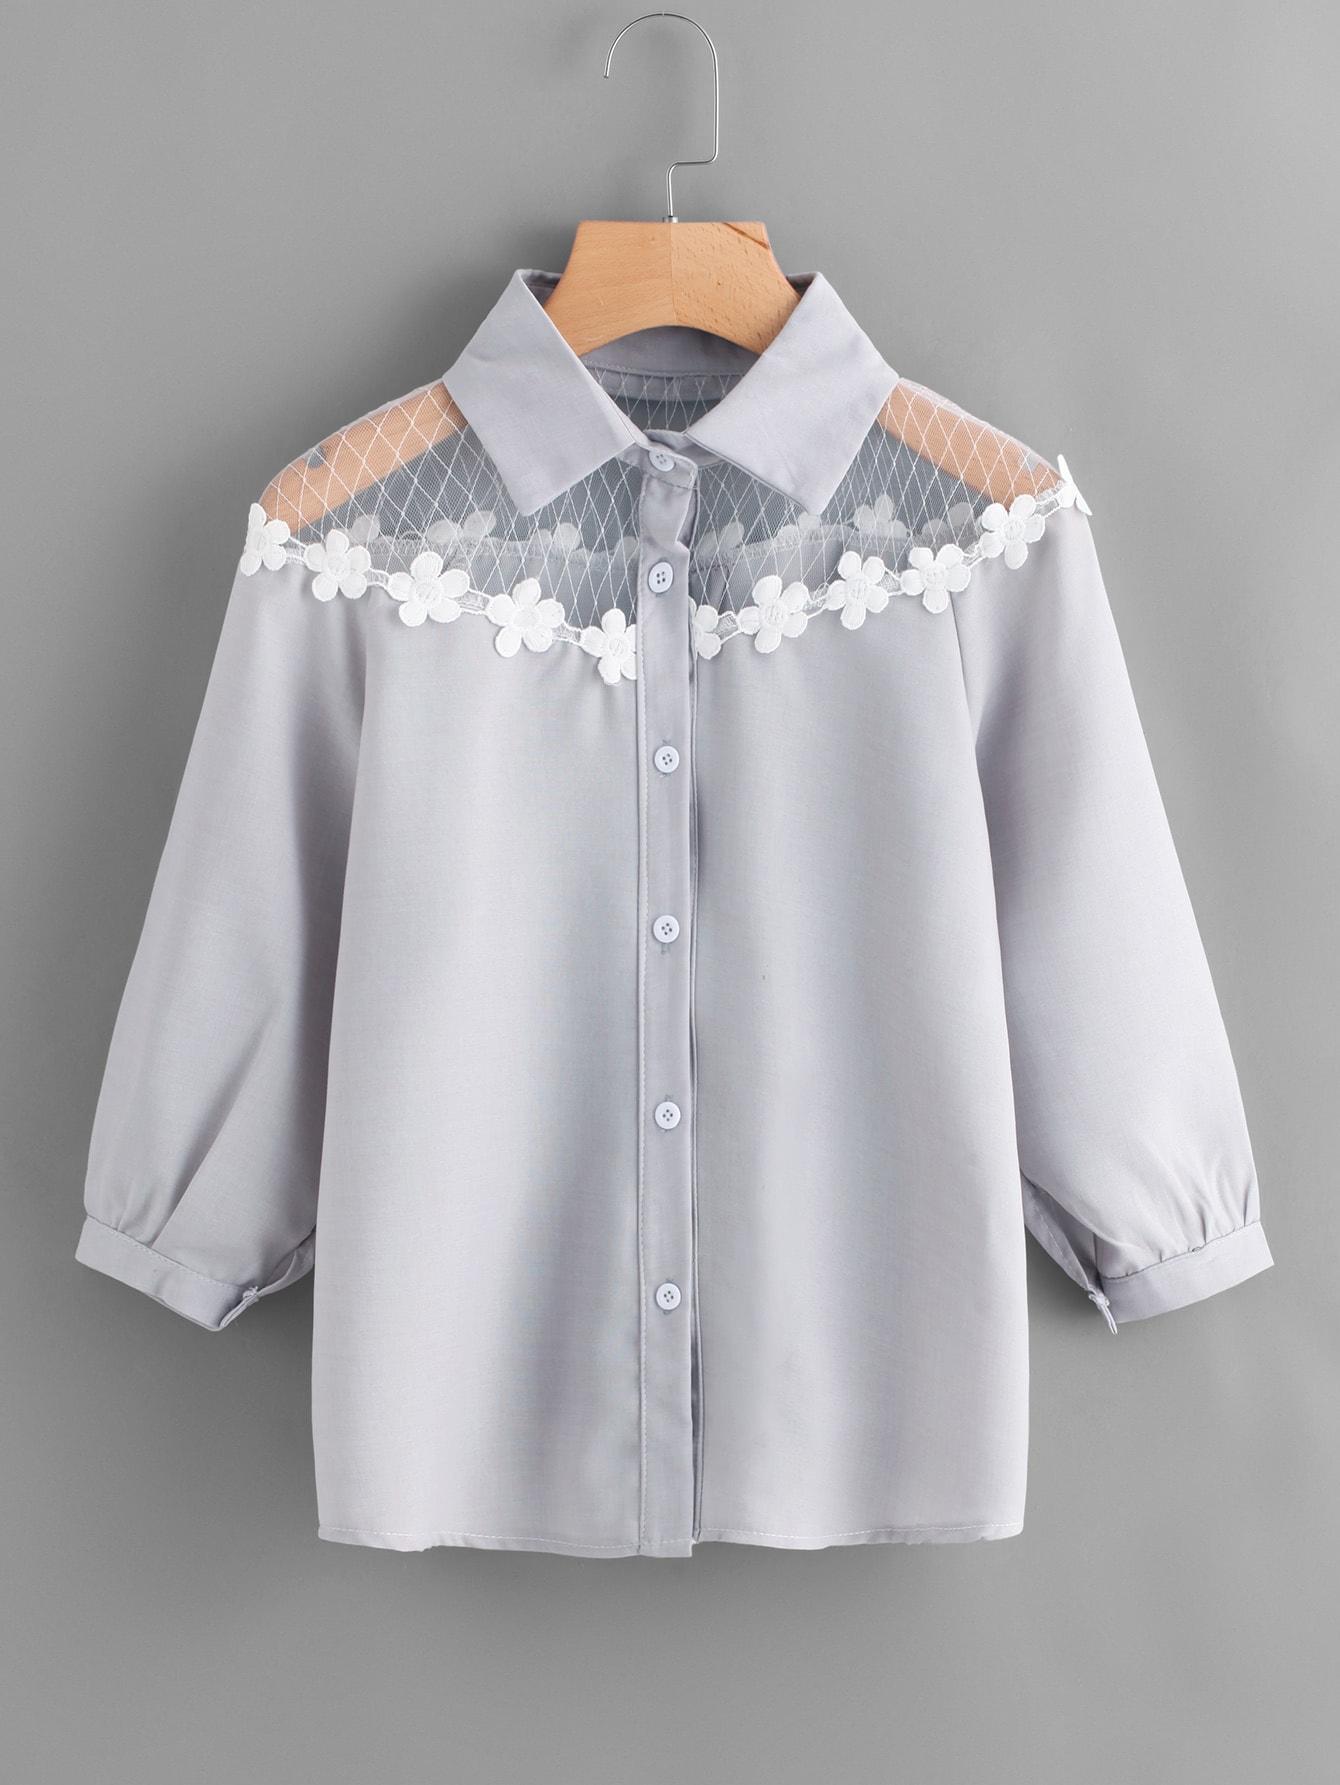 Contrast Lace Appliques Shirt